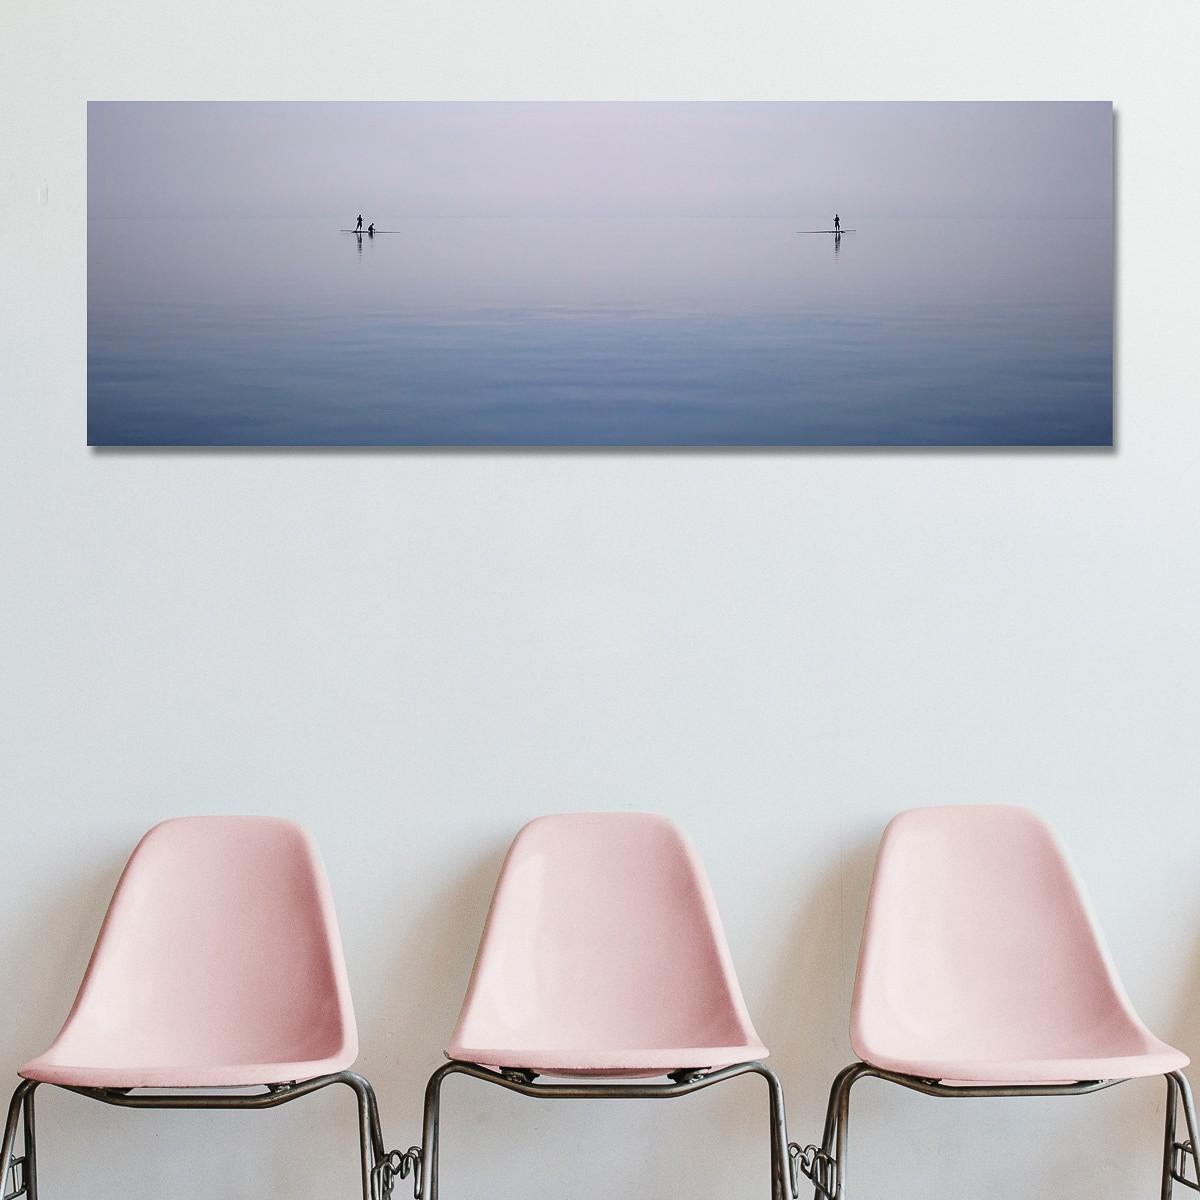 Surface | Fotografie von Finkbeiner & Salm, Direktdruck auf Alu-Dibond-Platte, limitierte Edition - 2